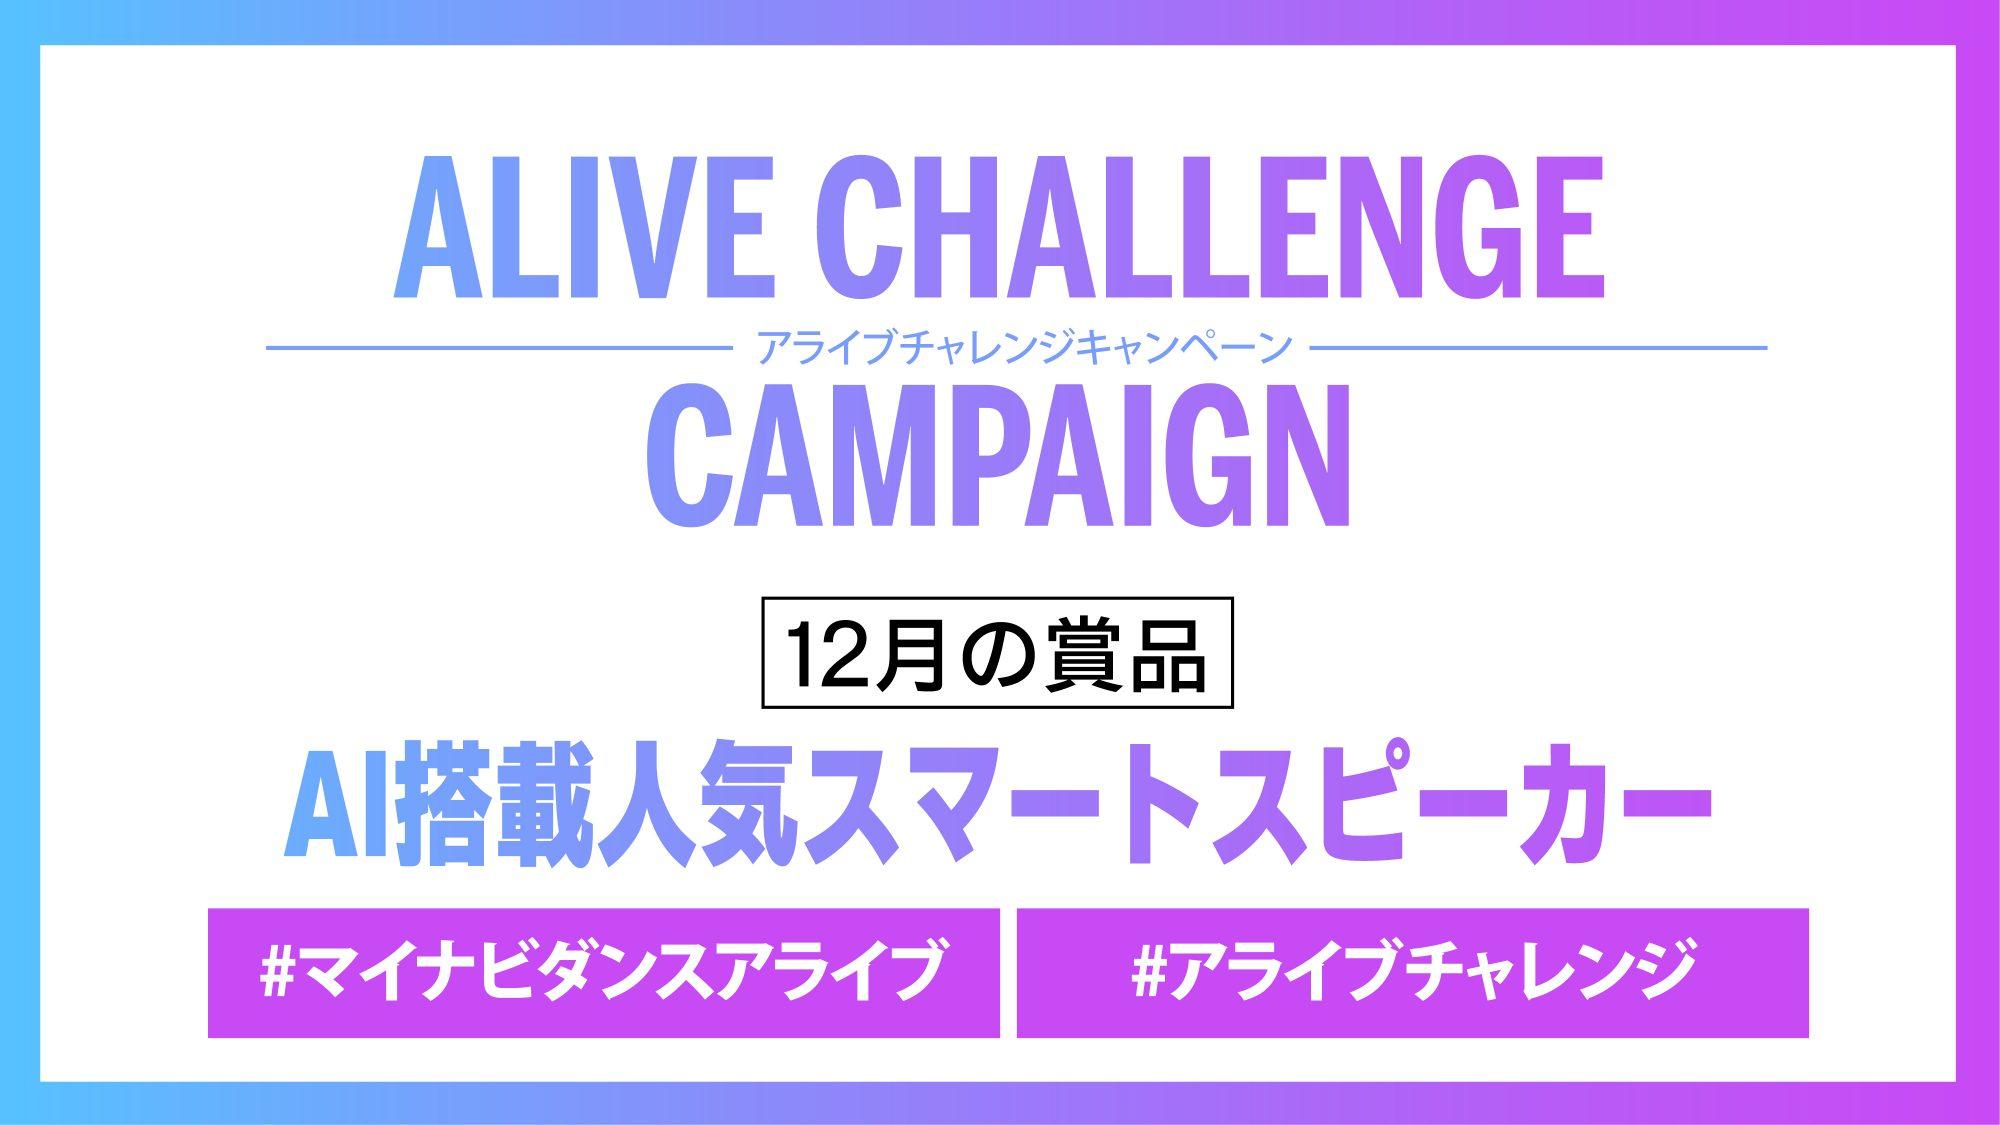 12月のアライブチャレンジキャンペーンが公開!